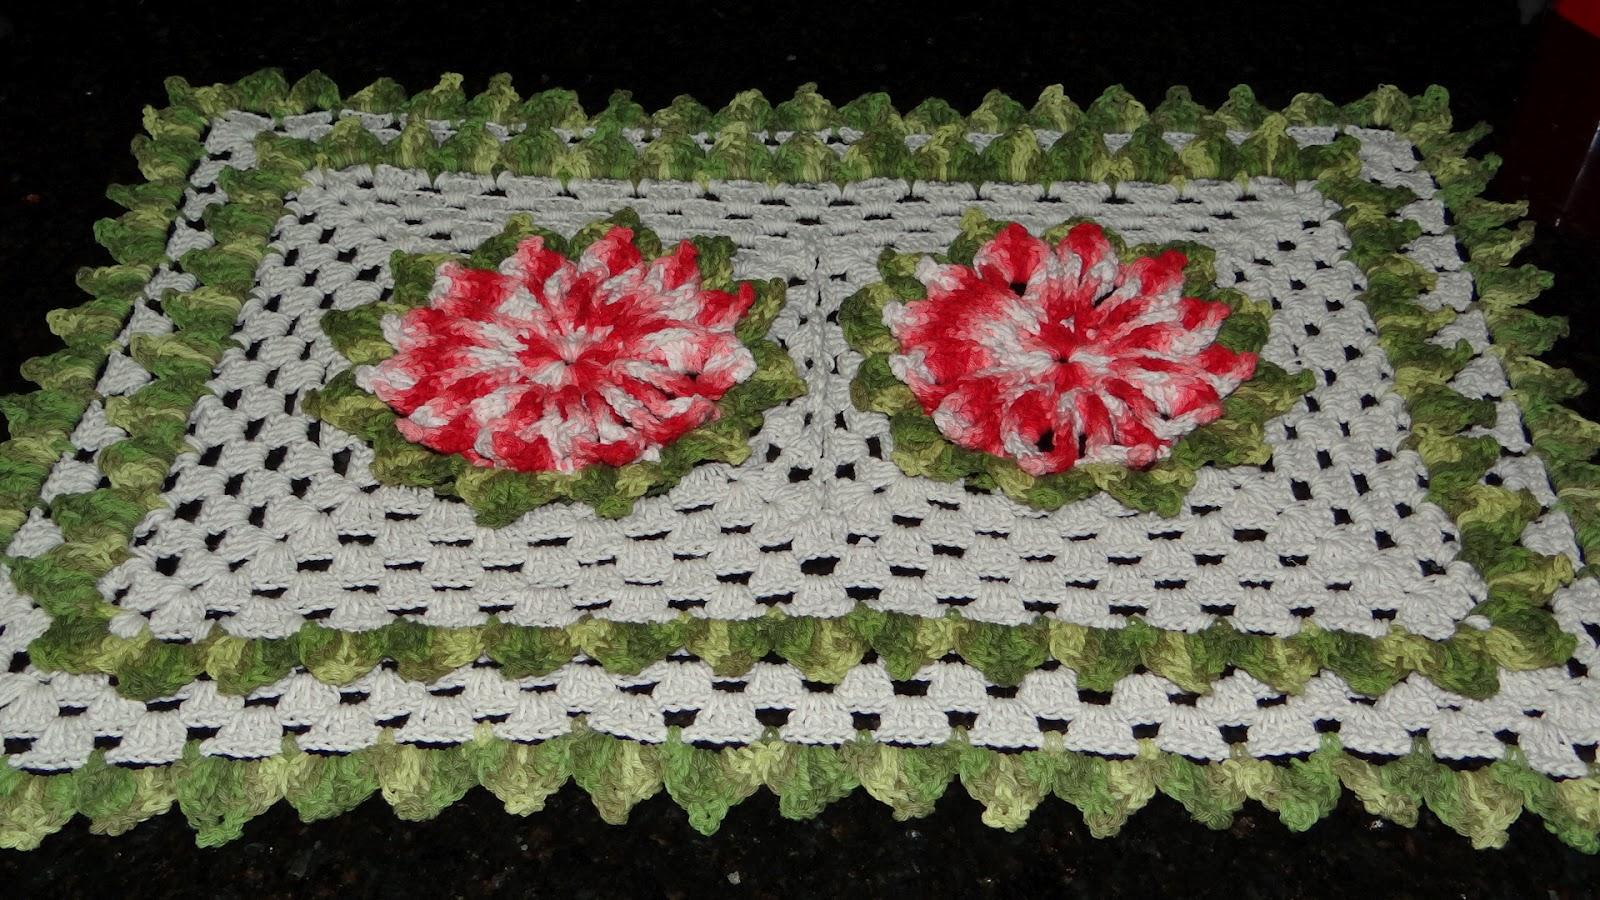 Tapete Simples E Pr Tico De Croch Fotos Passo A Passo -> Tapete De Sala Barbante Passo A Passo